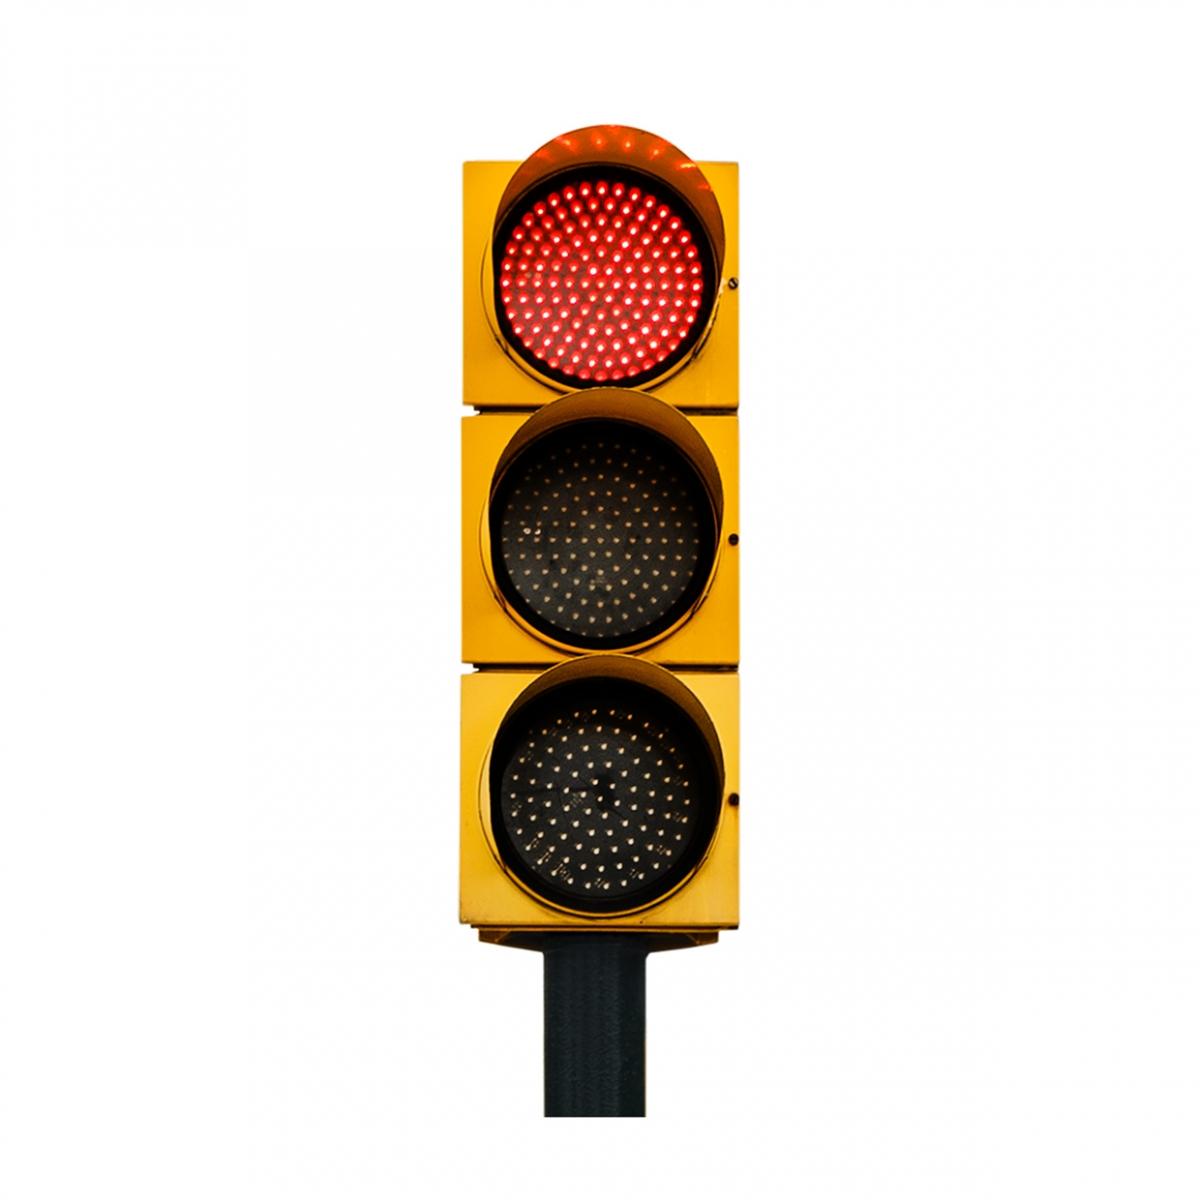 Imagen en la que se ve un semáforo con la luz roja iluminada